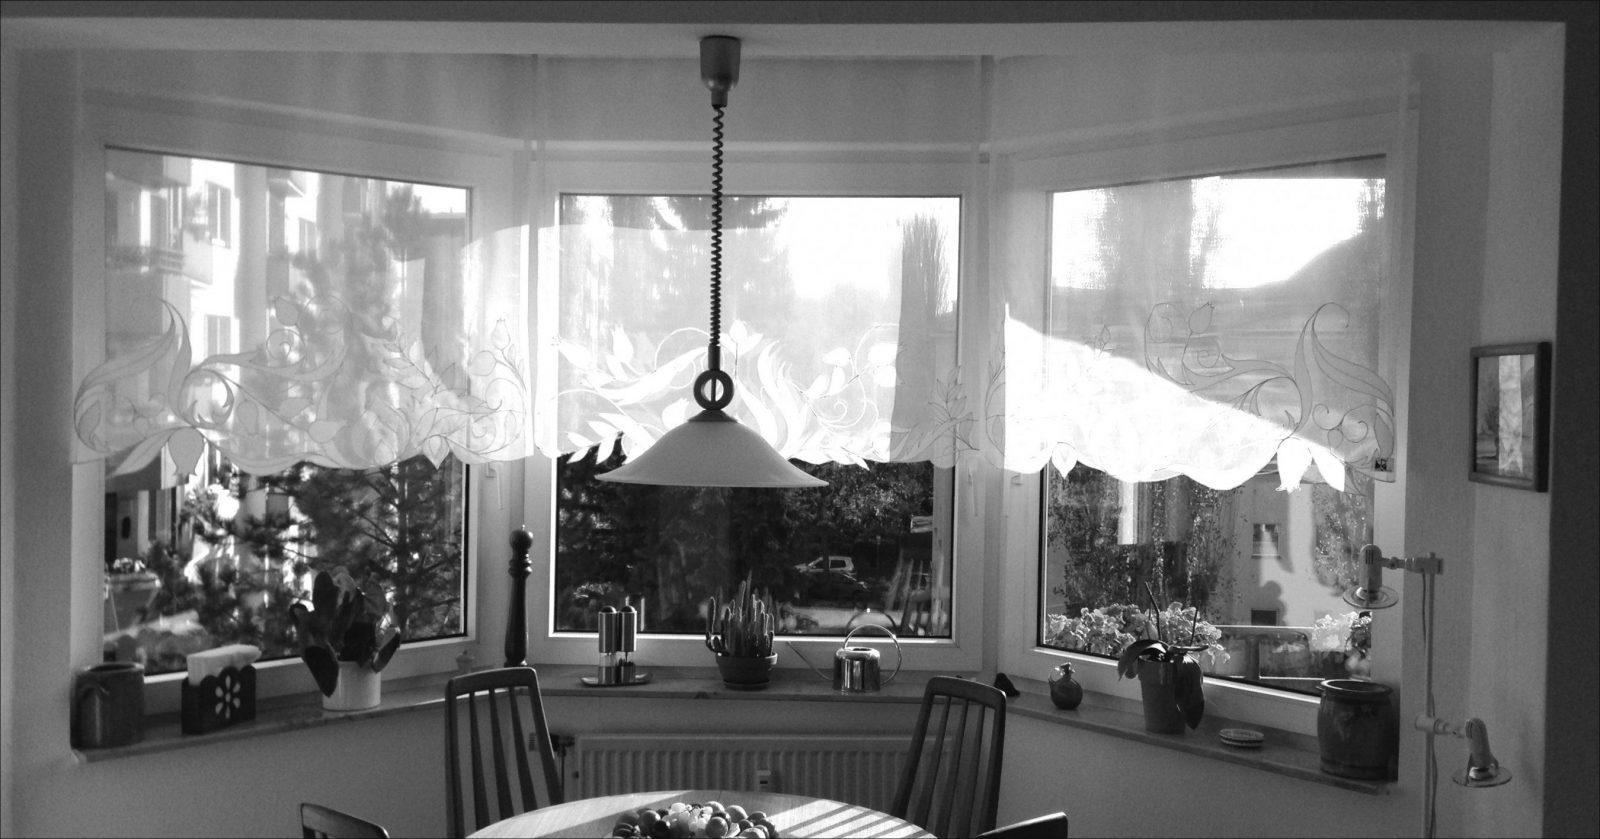 Herausragende Ideen Gardinen Balkontür Und Fenster Modern Beste von Gardinen Balkontür Und Fenster Bild